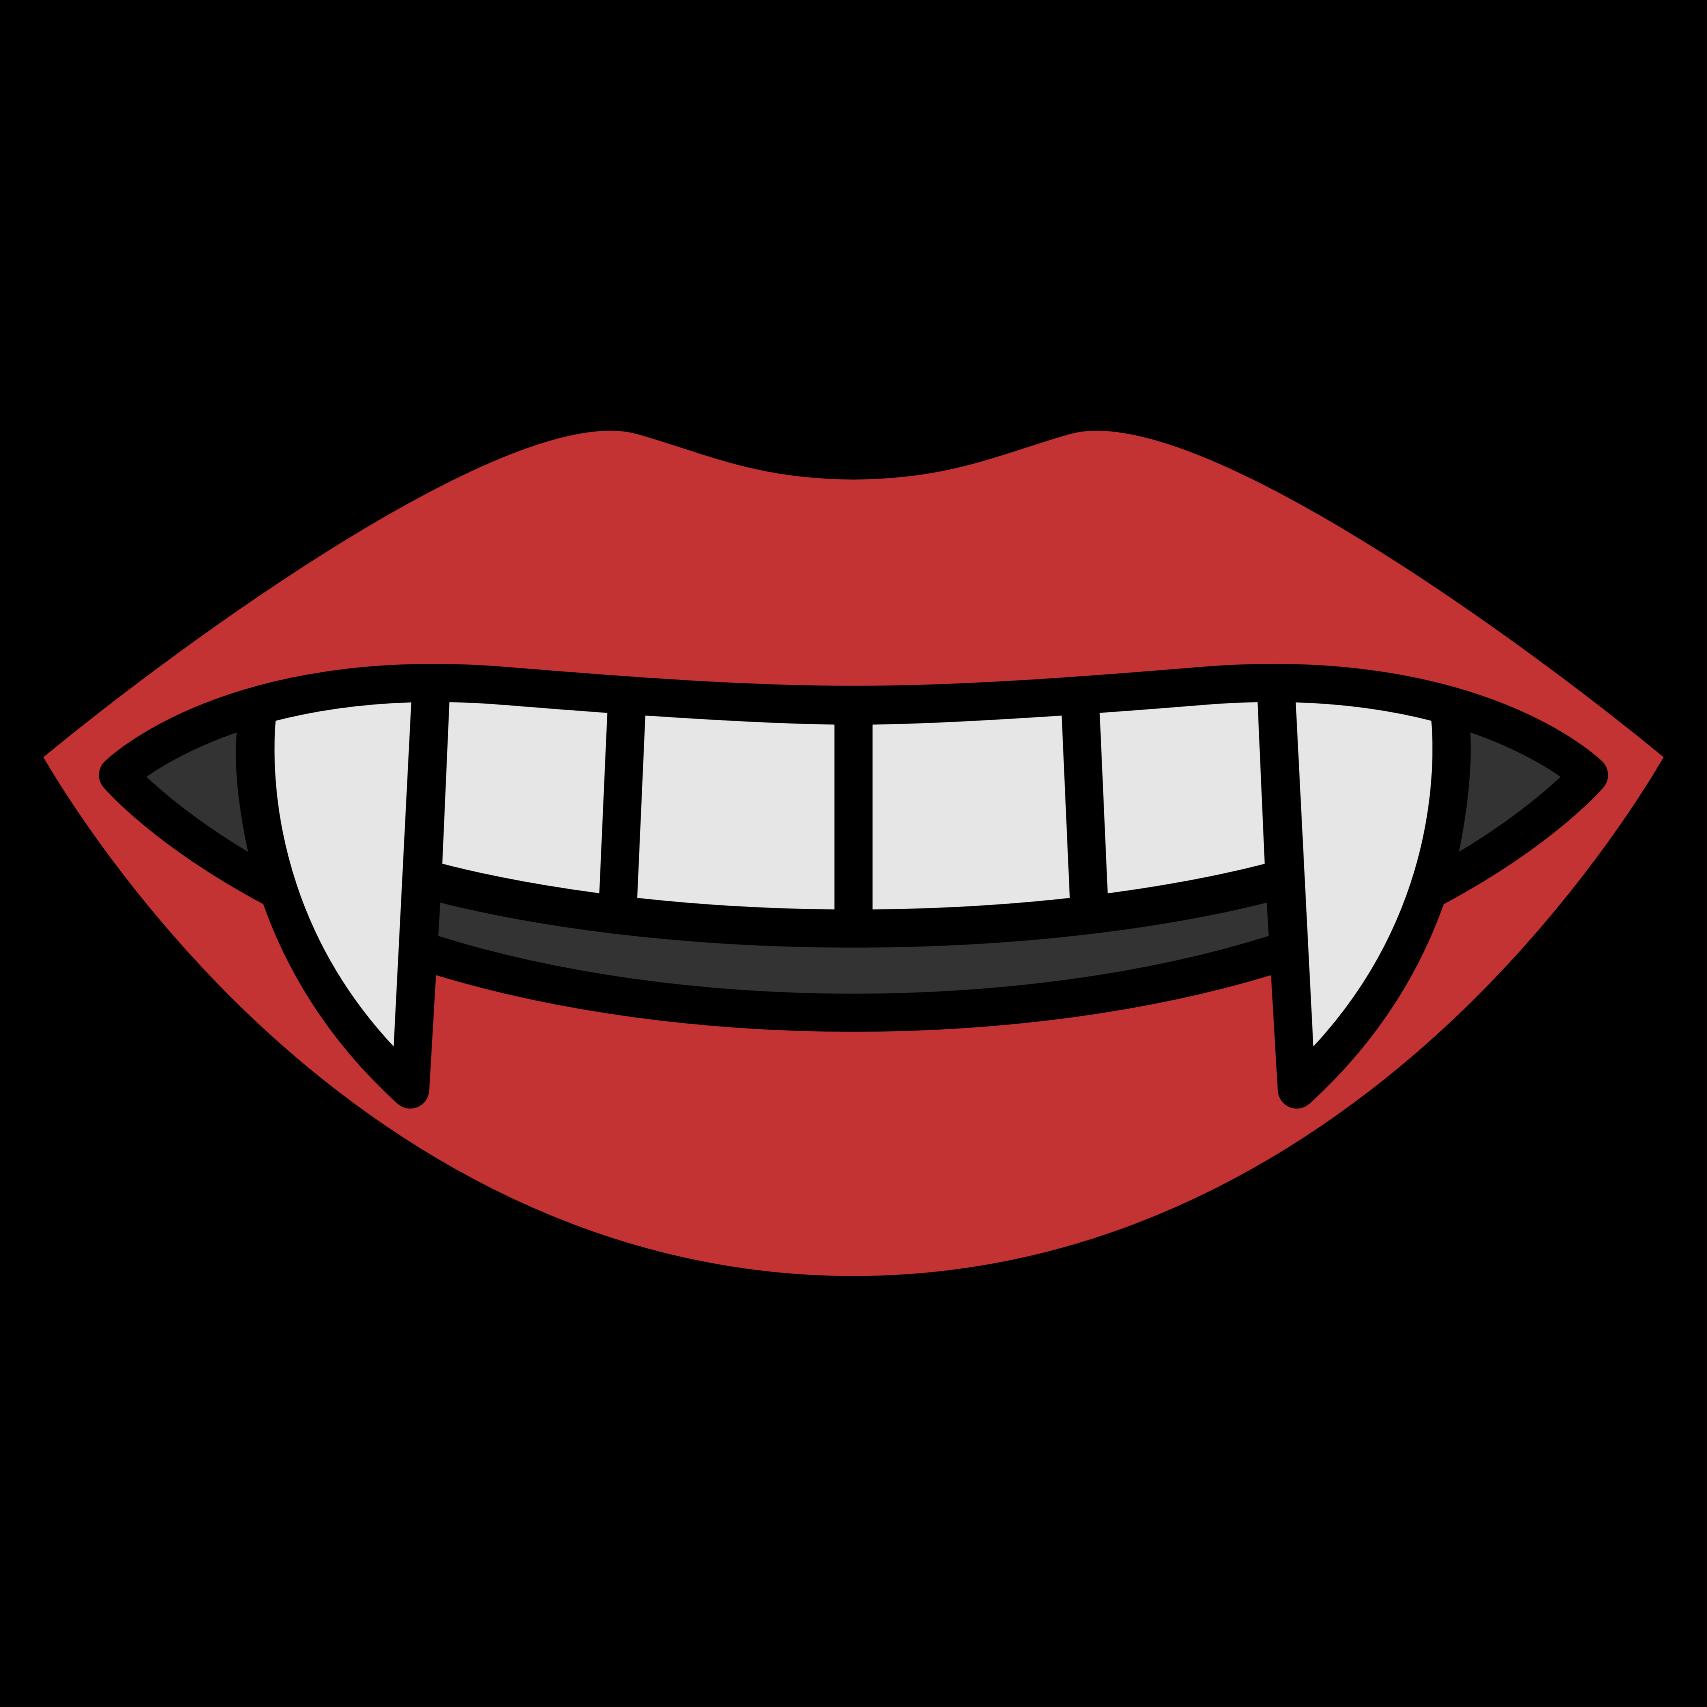 Vampire clip art teeth. Watermelon clipart mouth